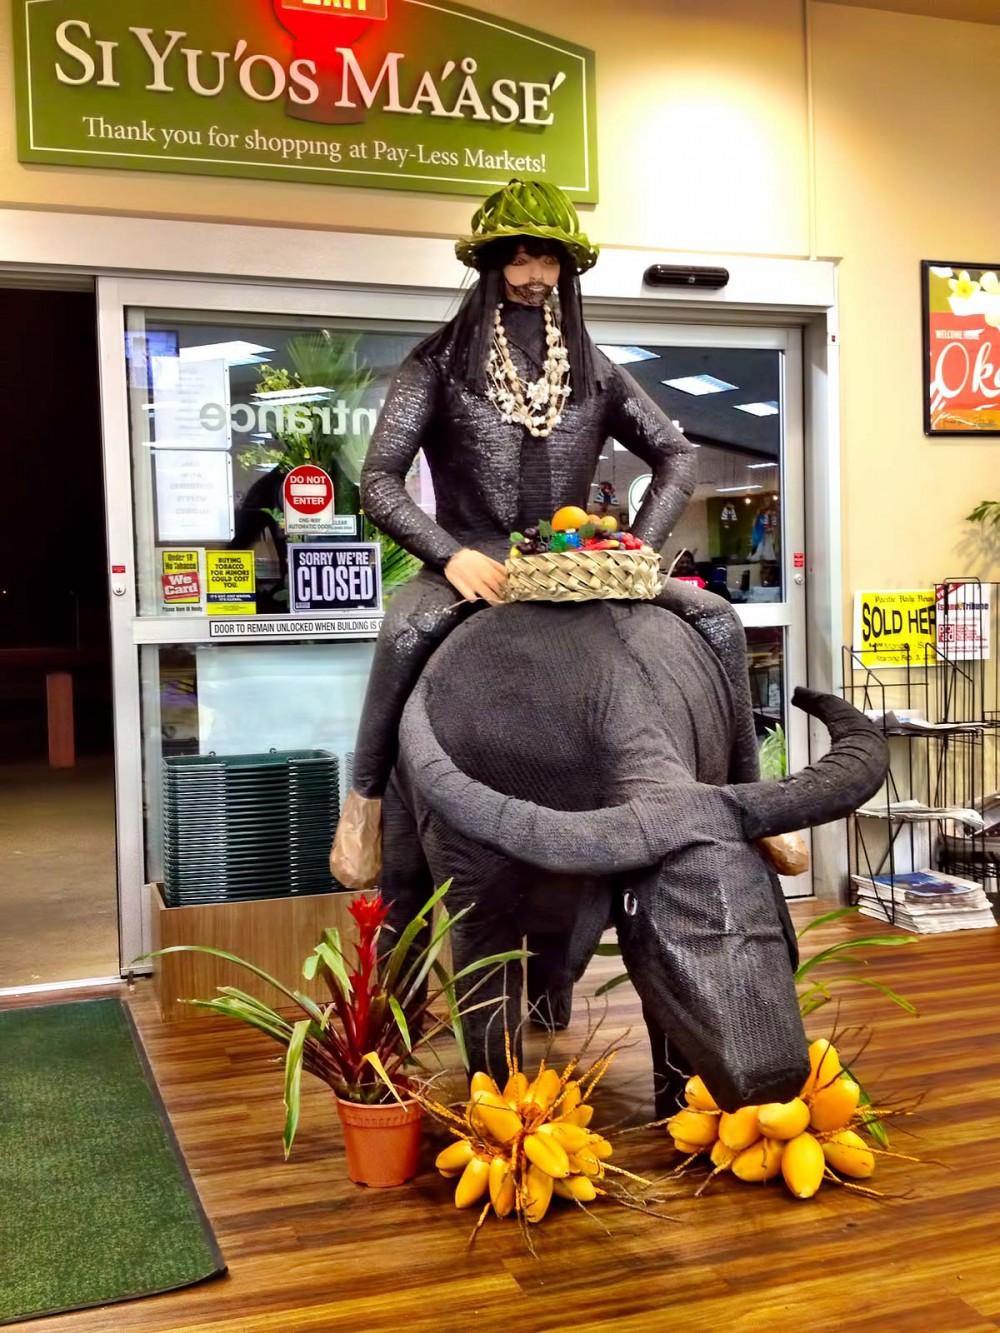 ペイレススーパーマーケットにディスプレイされていた、カラバオに乗る人のオブジェ